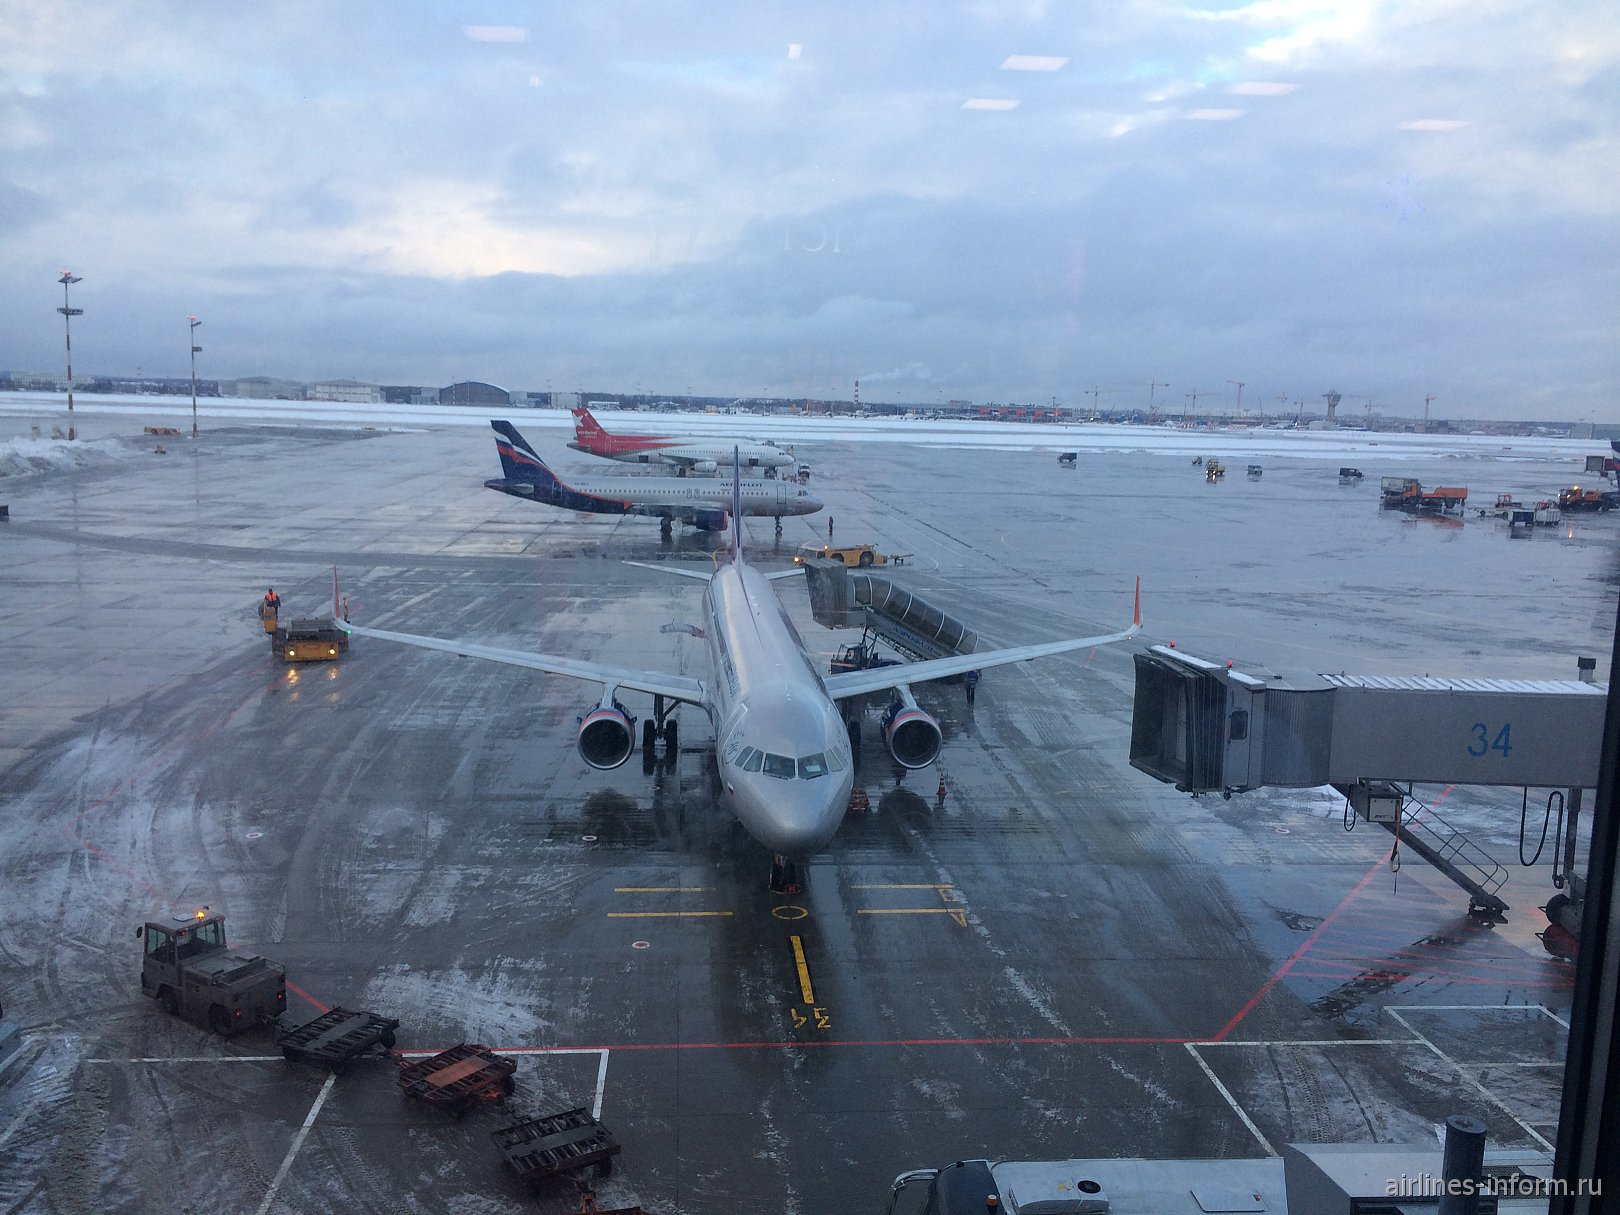 Новогодние каникулы. Москва Шереметьево (SVO) - Прага (PRG) с Aeroflot